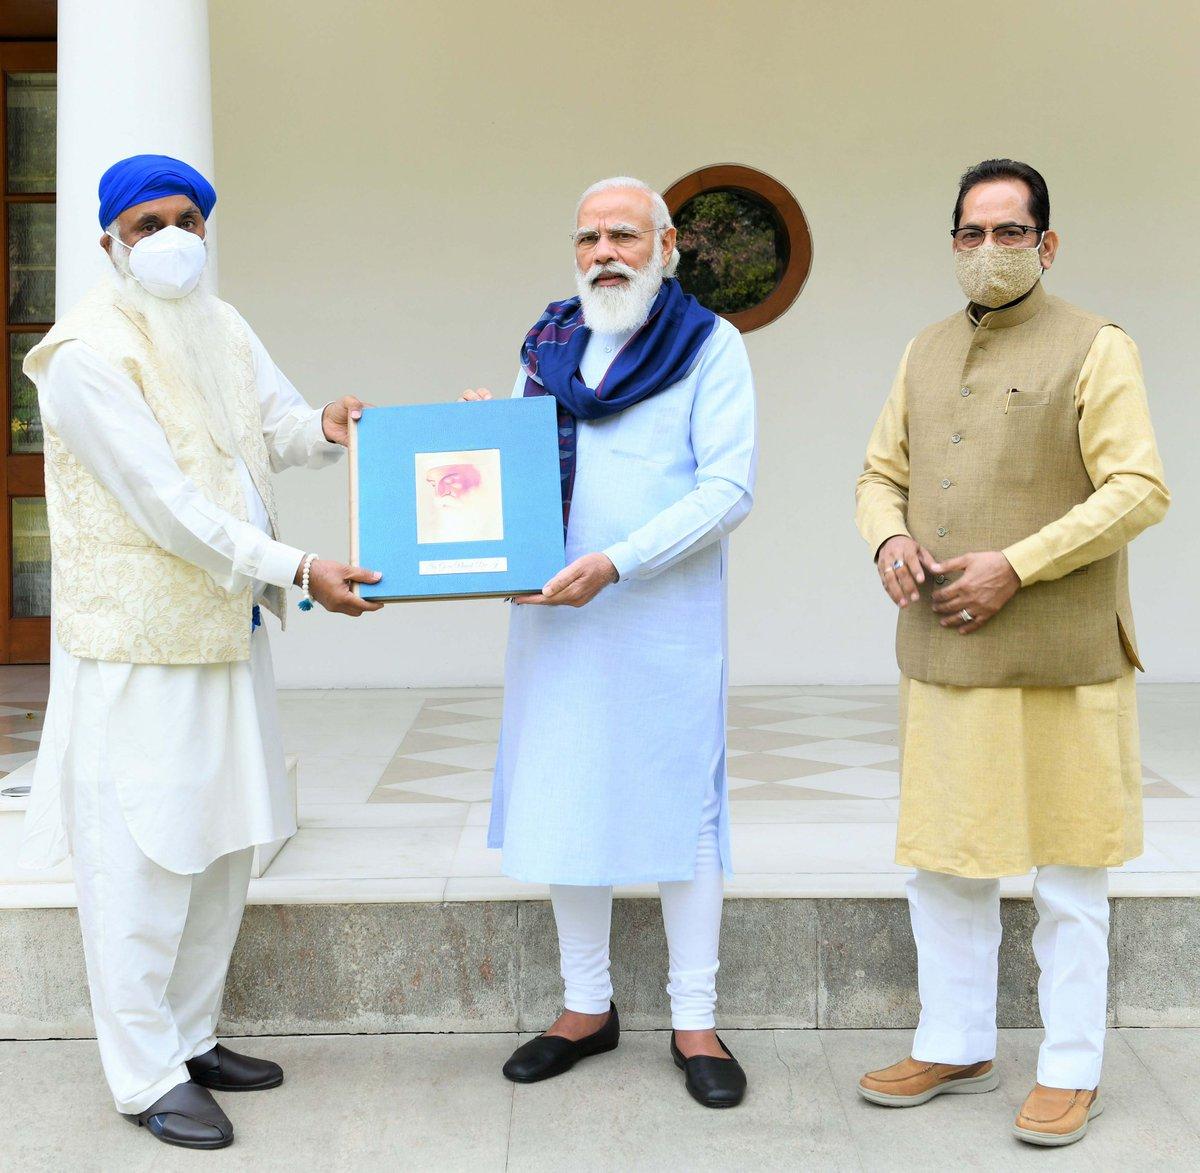 श्री गुरु नानक देव जी के जीवन और आदर्शों पर आधारित एक पुस्तक का विमोचन किया। इस पुस्तक को चंडीगढ़ में रहने वाले श्री कृपाल सिंह जी ने लिखा है।